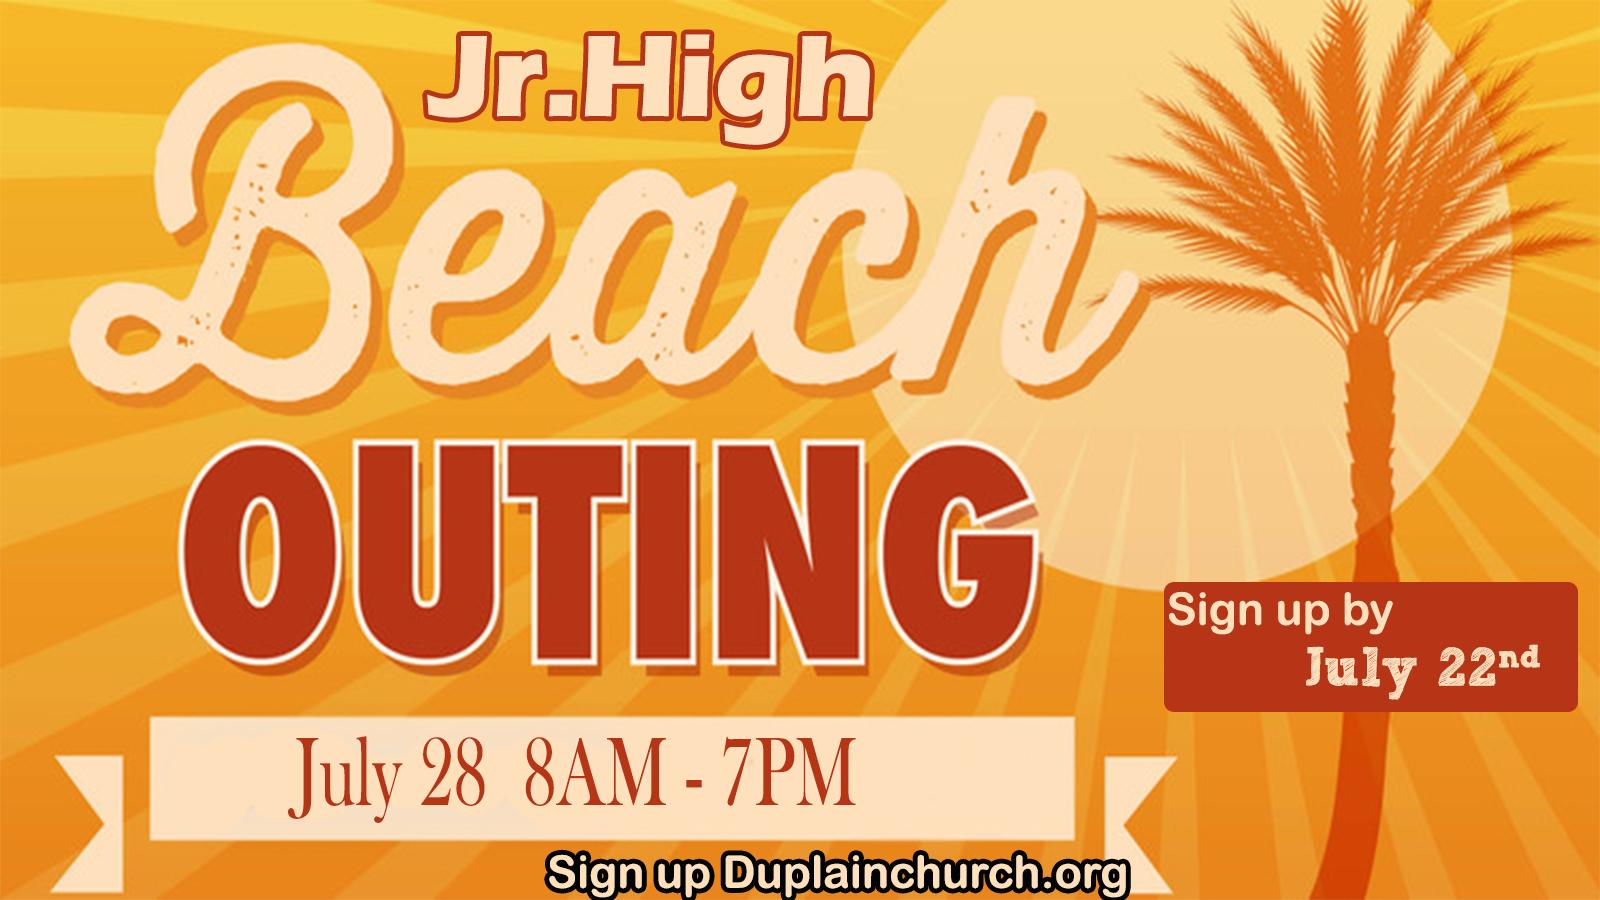 Jr. high beach outing 2018